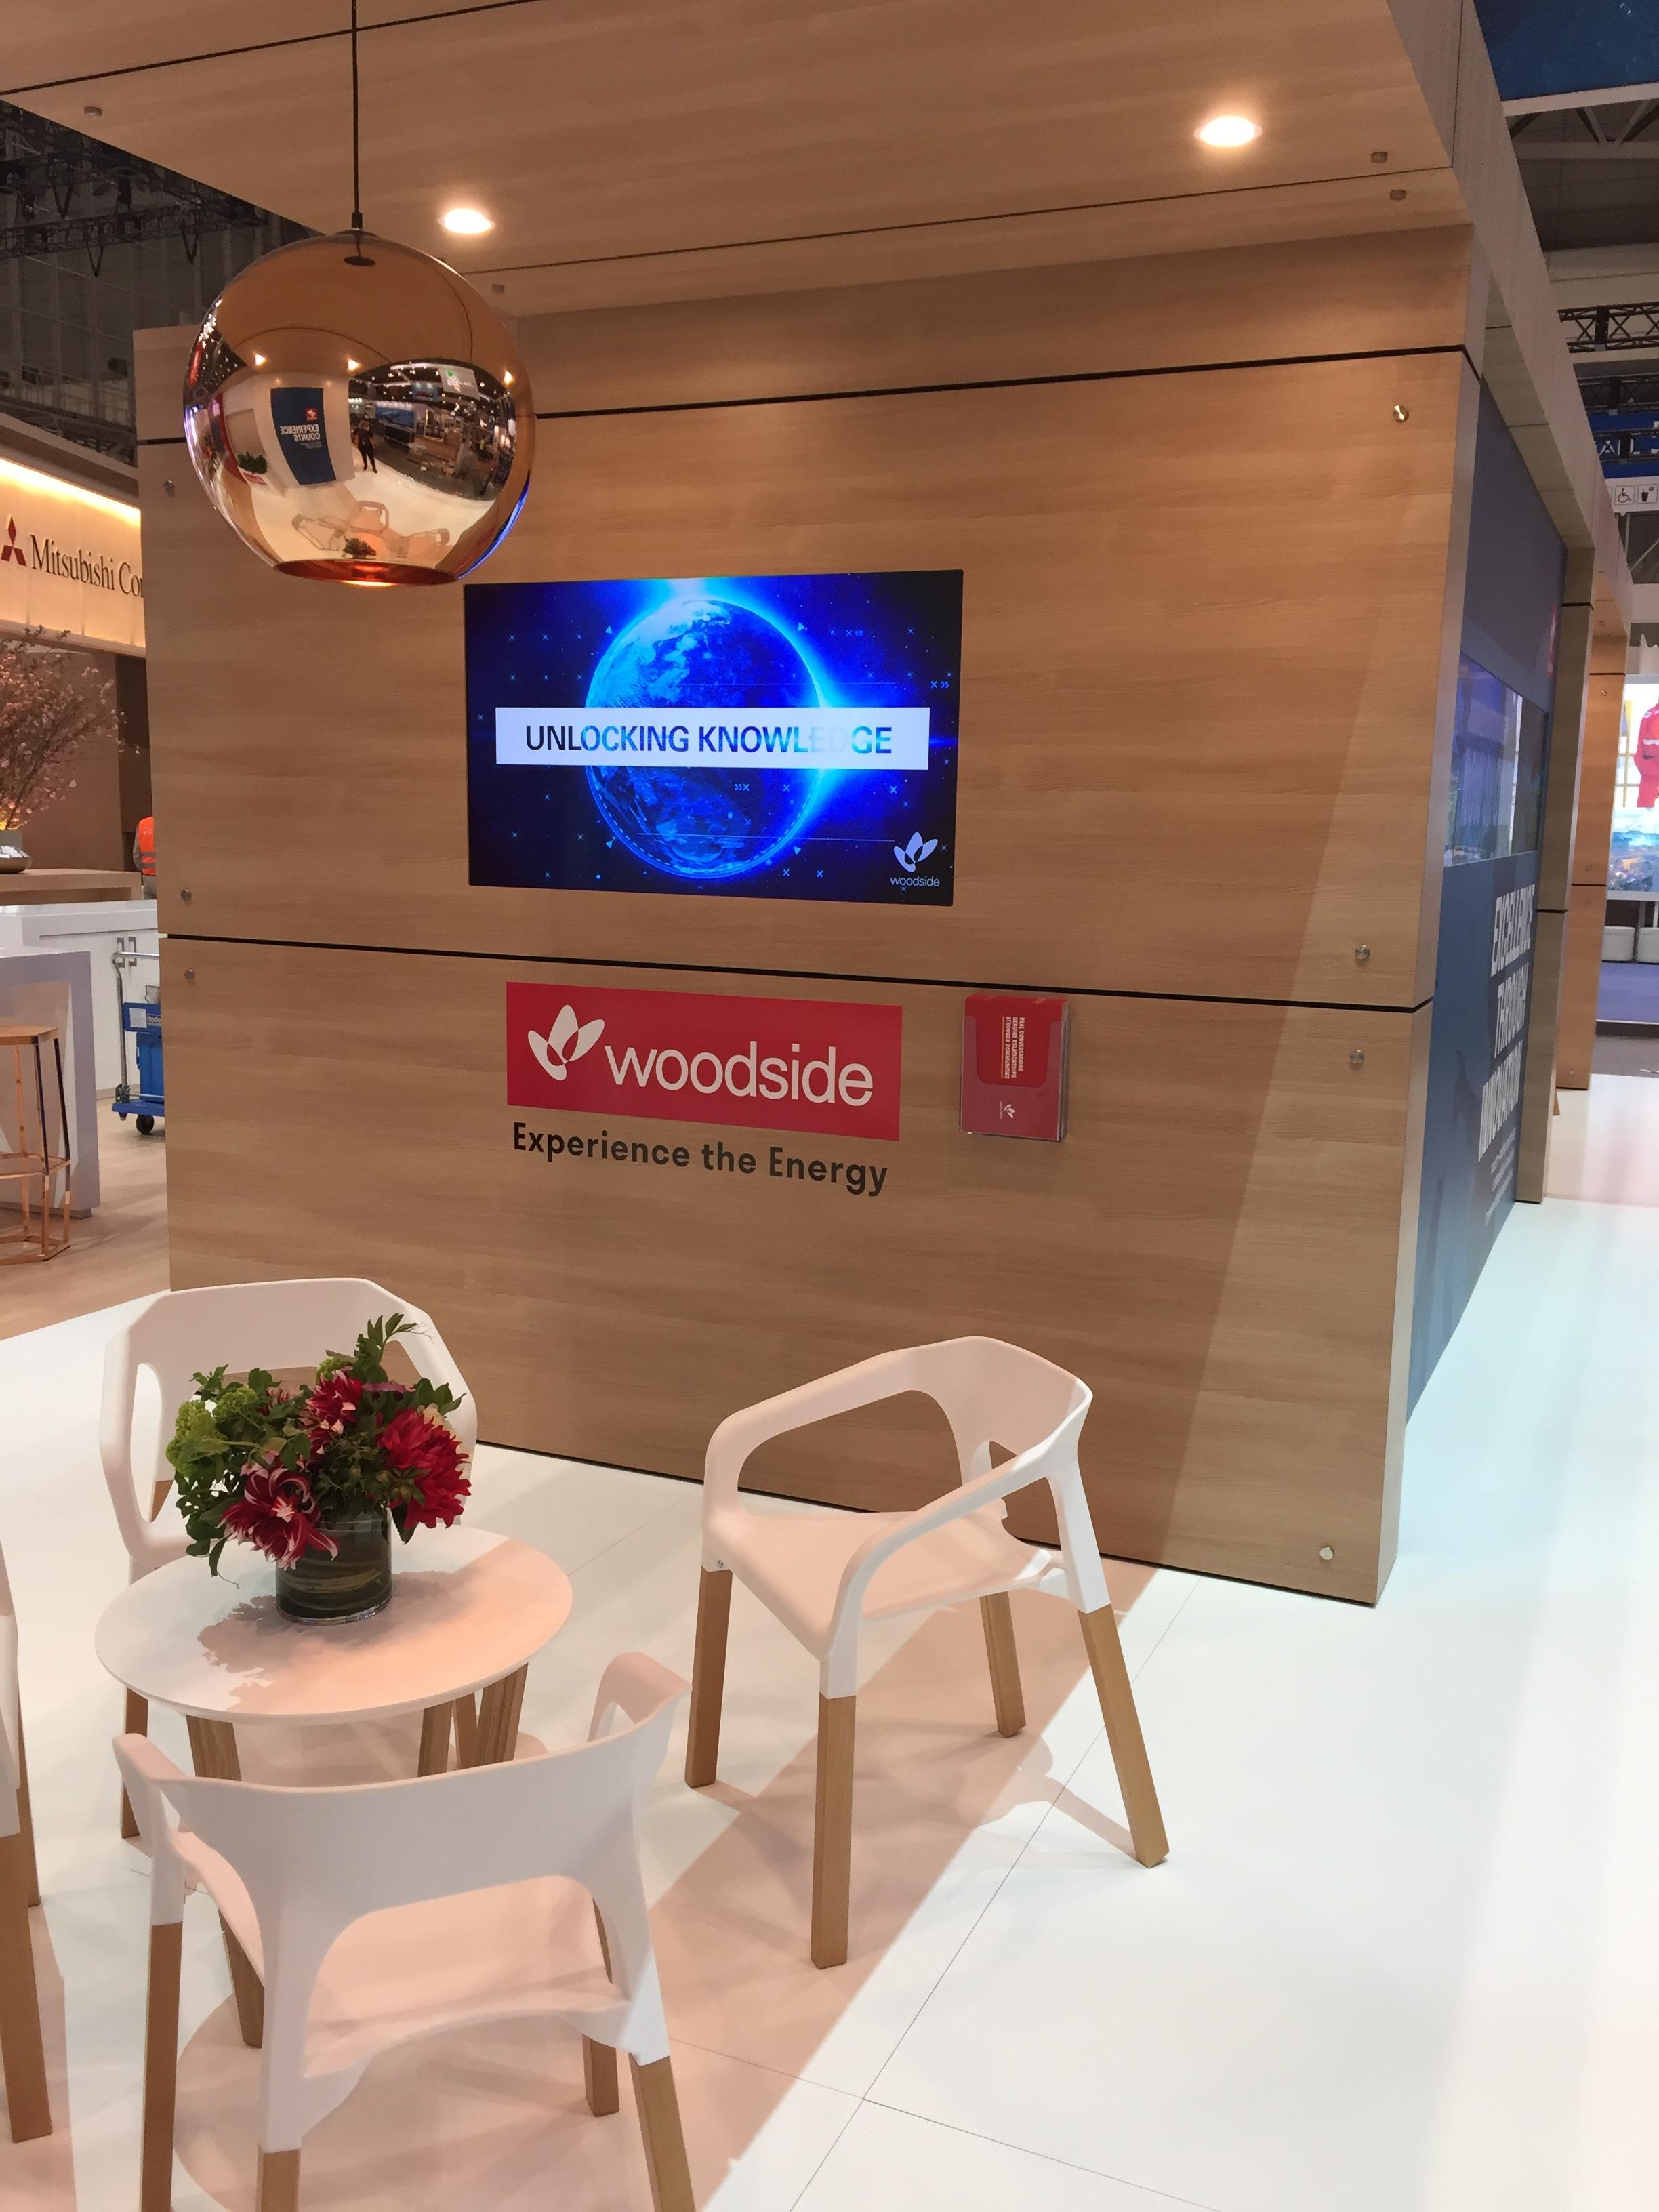 Woodside LNG